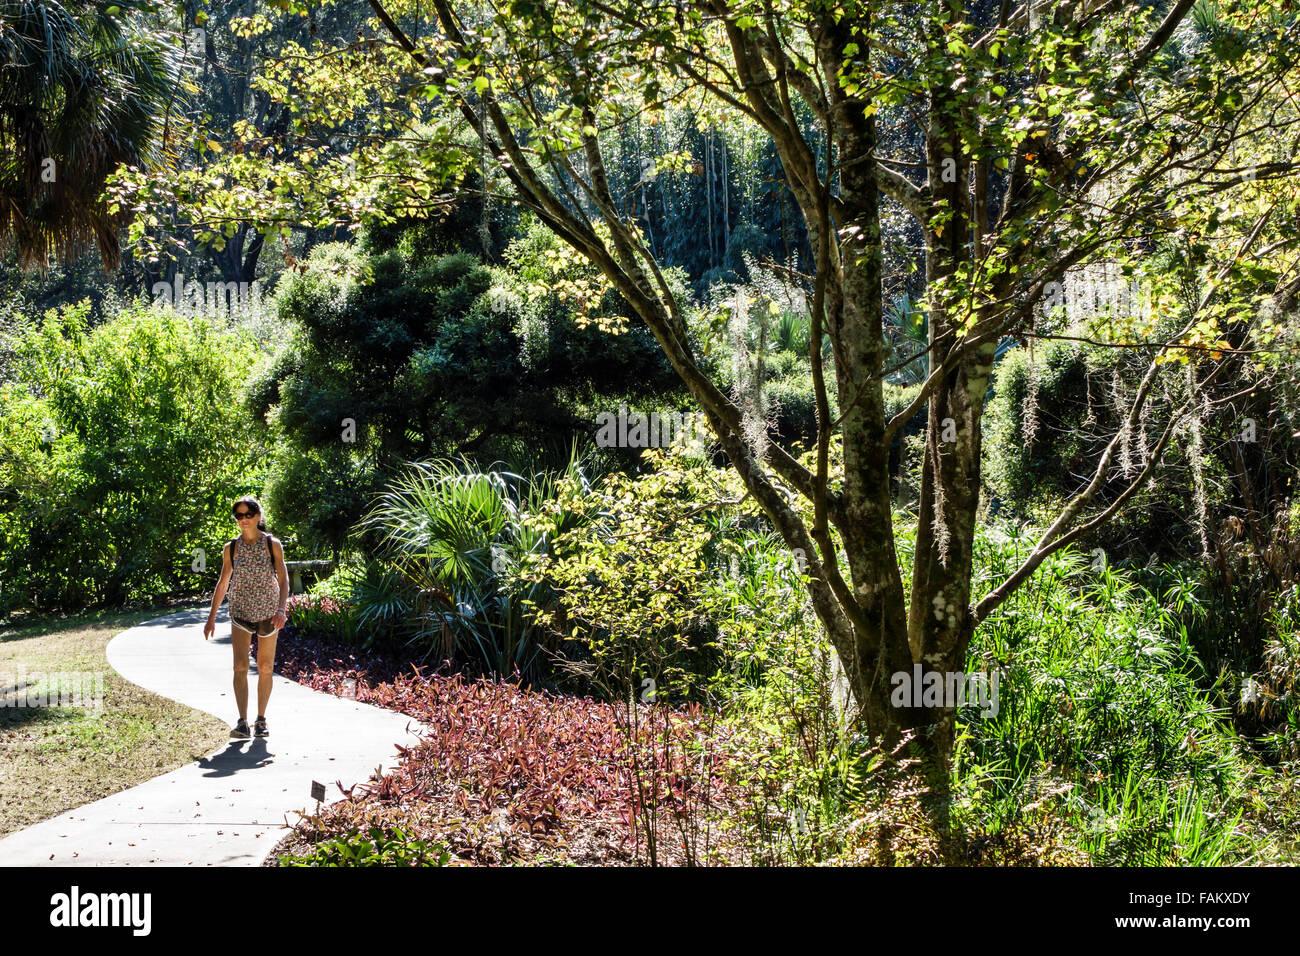 Kanapaha Botanical Gardens Stock Photos Amp Kanapaha Botanical Gardens Stock Images